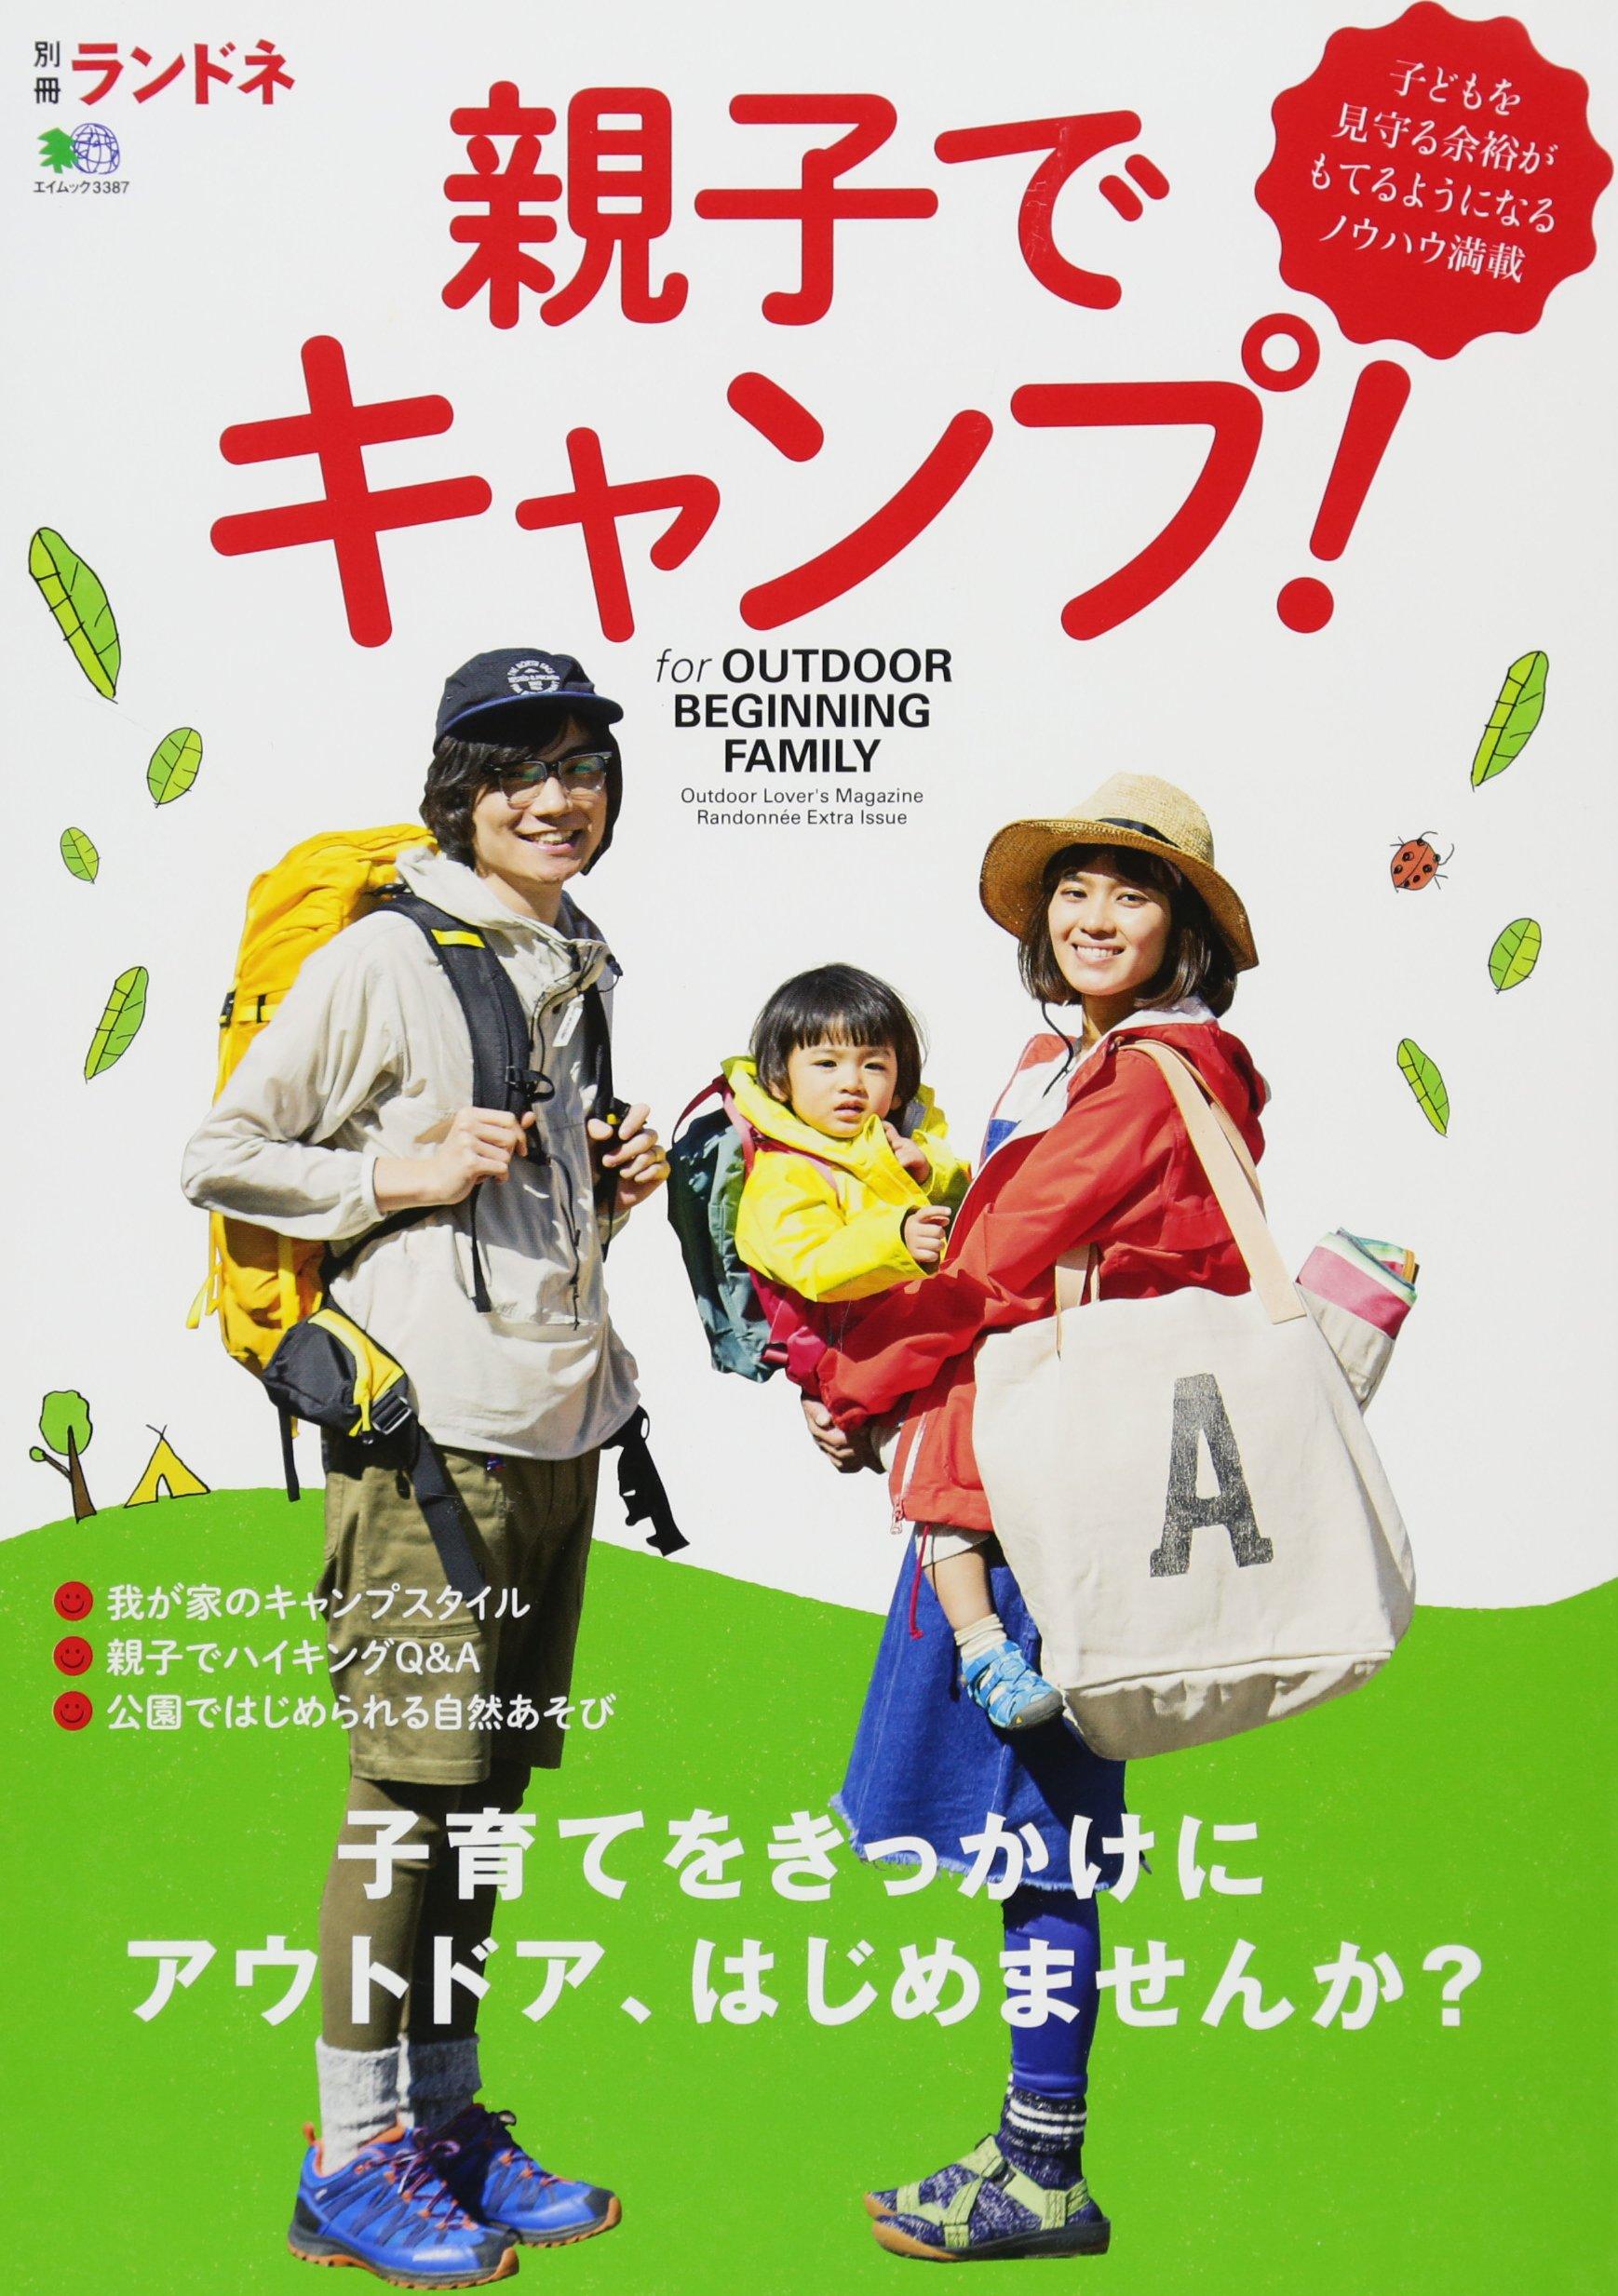 「 親子でキャンプ!」(エイ出版社)